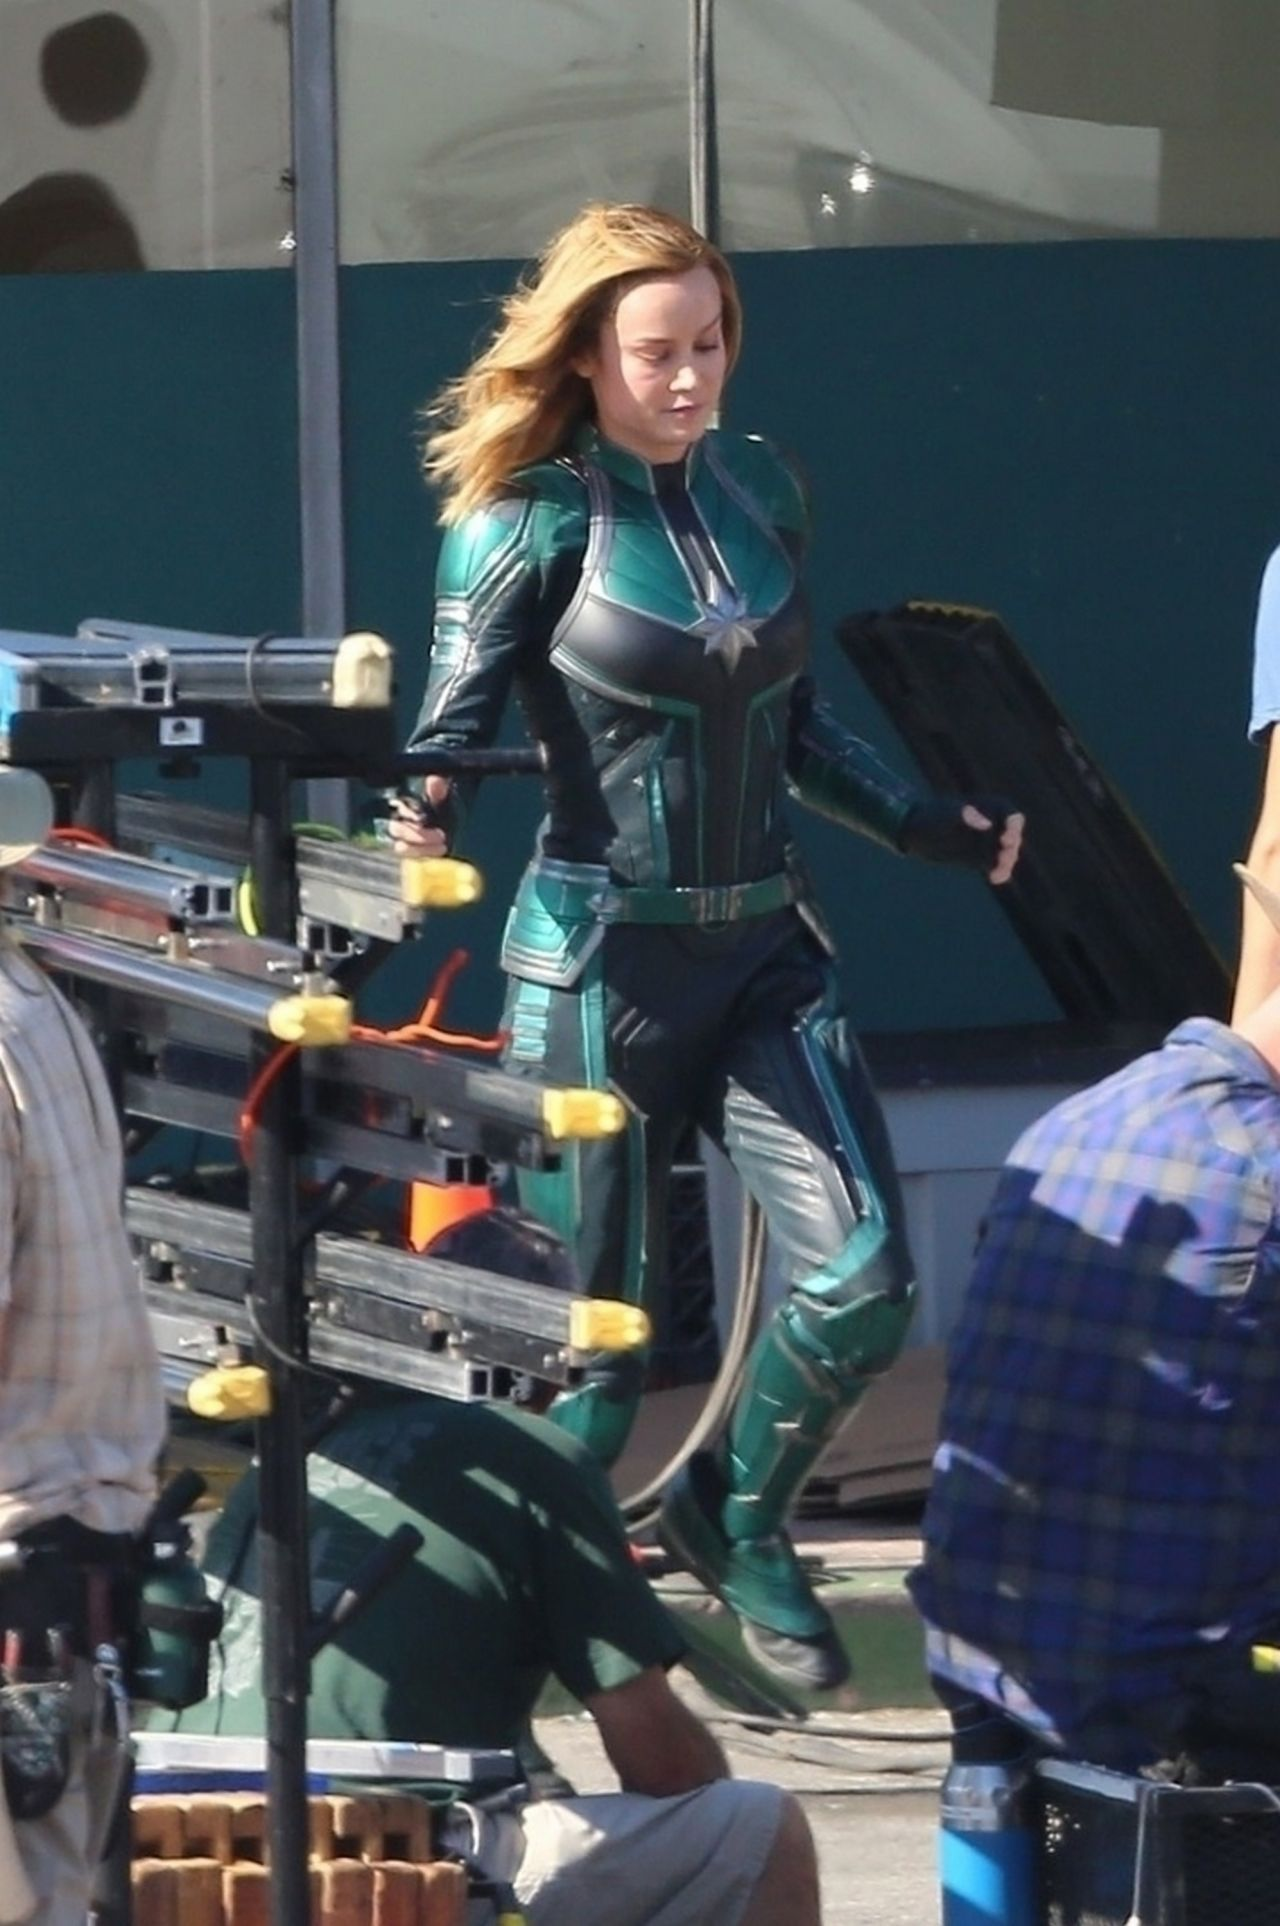 Brie Larson Quot Captain Marvel Quot Set In Los Angeles 04 26 2018